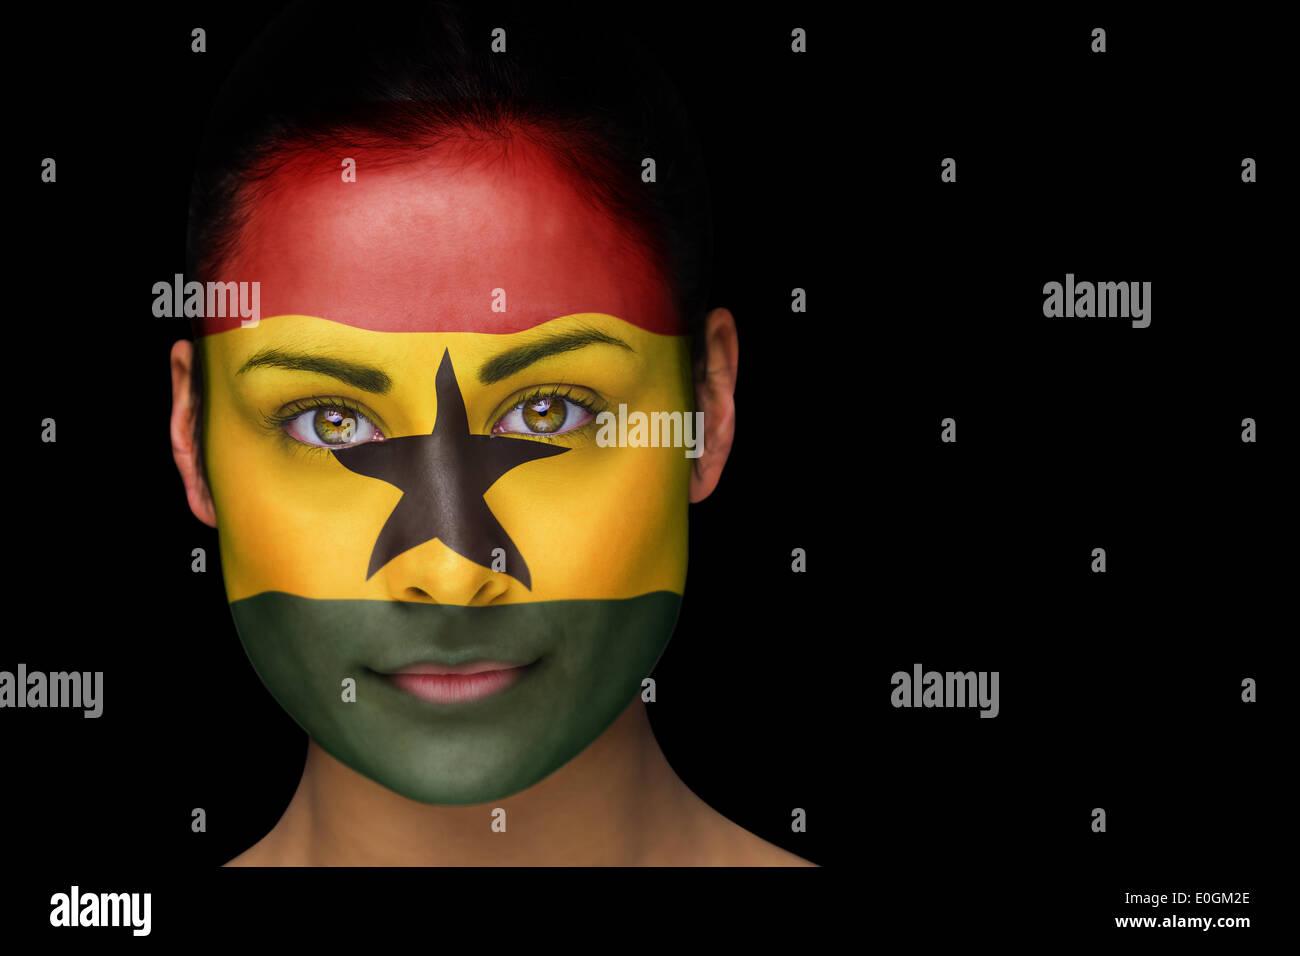 Ghana football fan in face paint - Stock Image